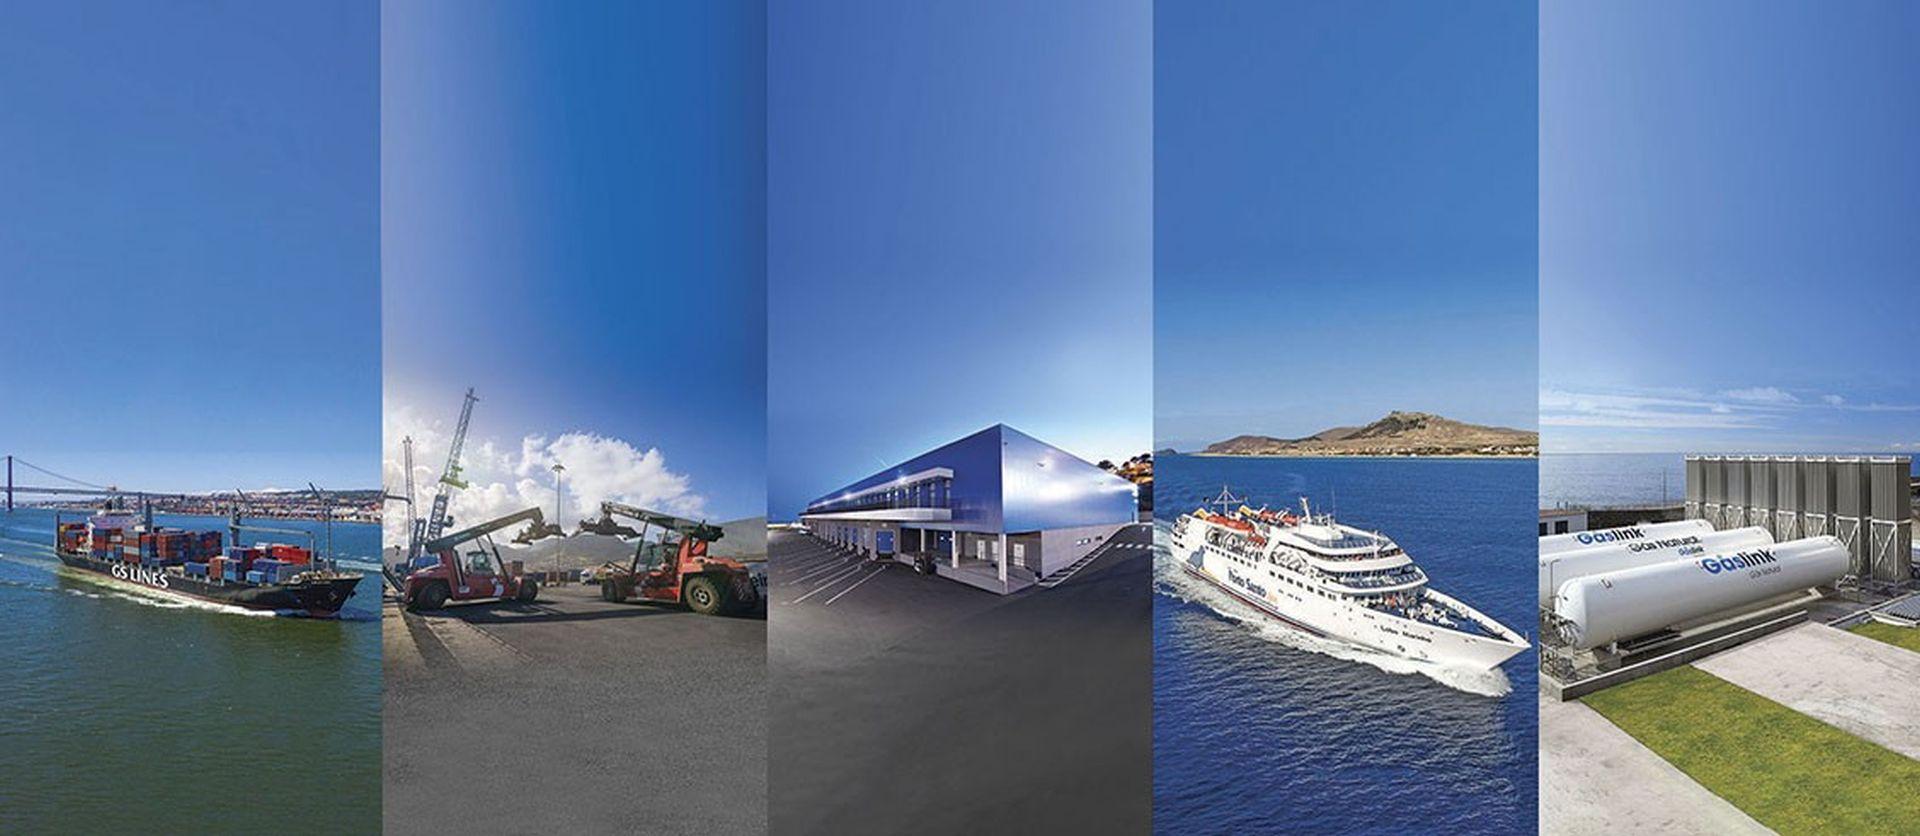 Operação pioneira para fornecer gás natural a uma ilha